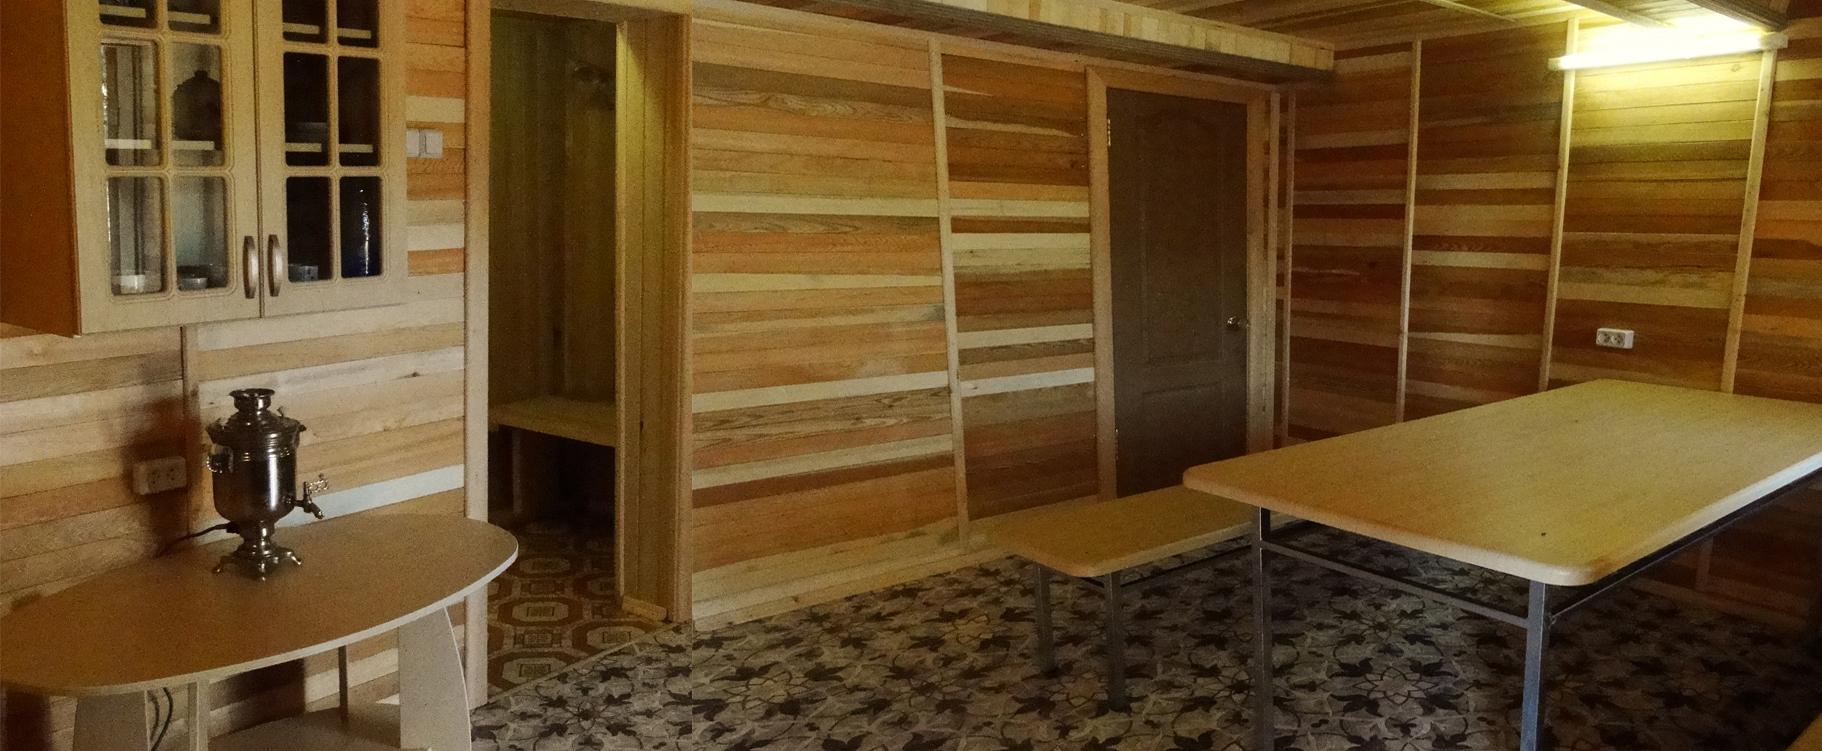 Гостиная в бане базы отдыха Парус